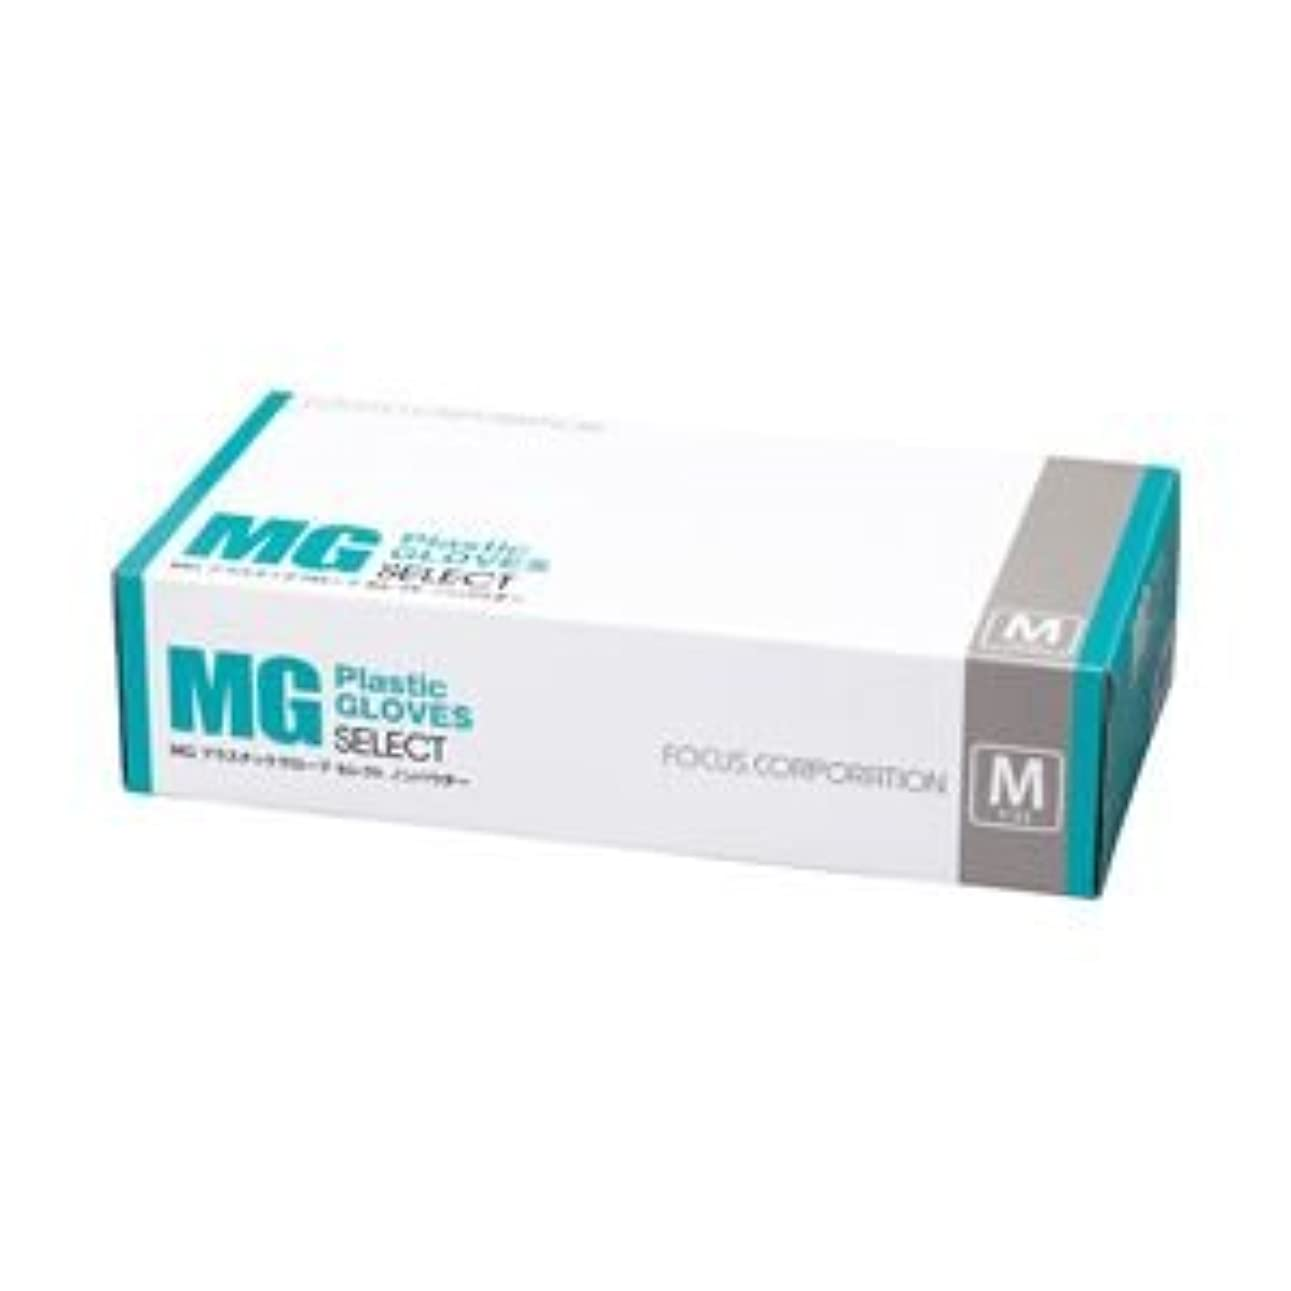 討論かわいらしい移行するフォーカス (業務用セット) MGプラスチックグローブSELECT 粉なし 半透明 1箱(100枚) Mサイズ (×10セット)